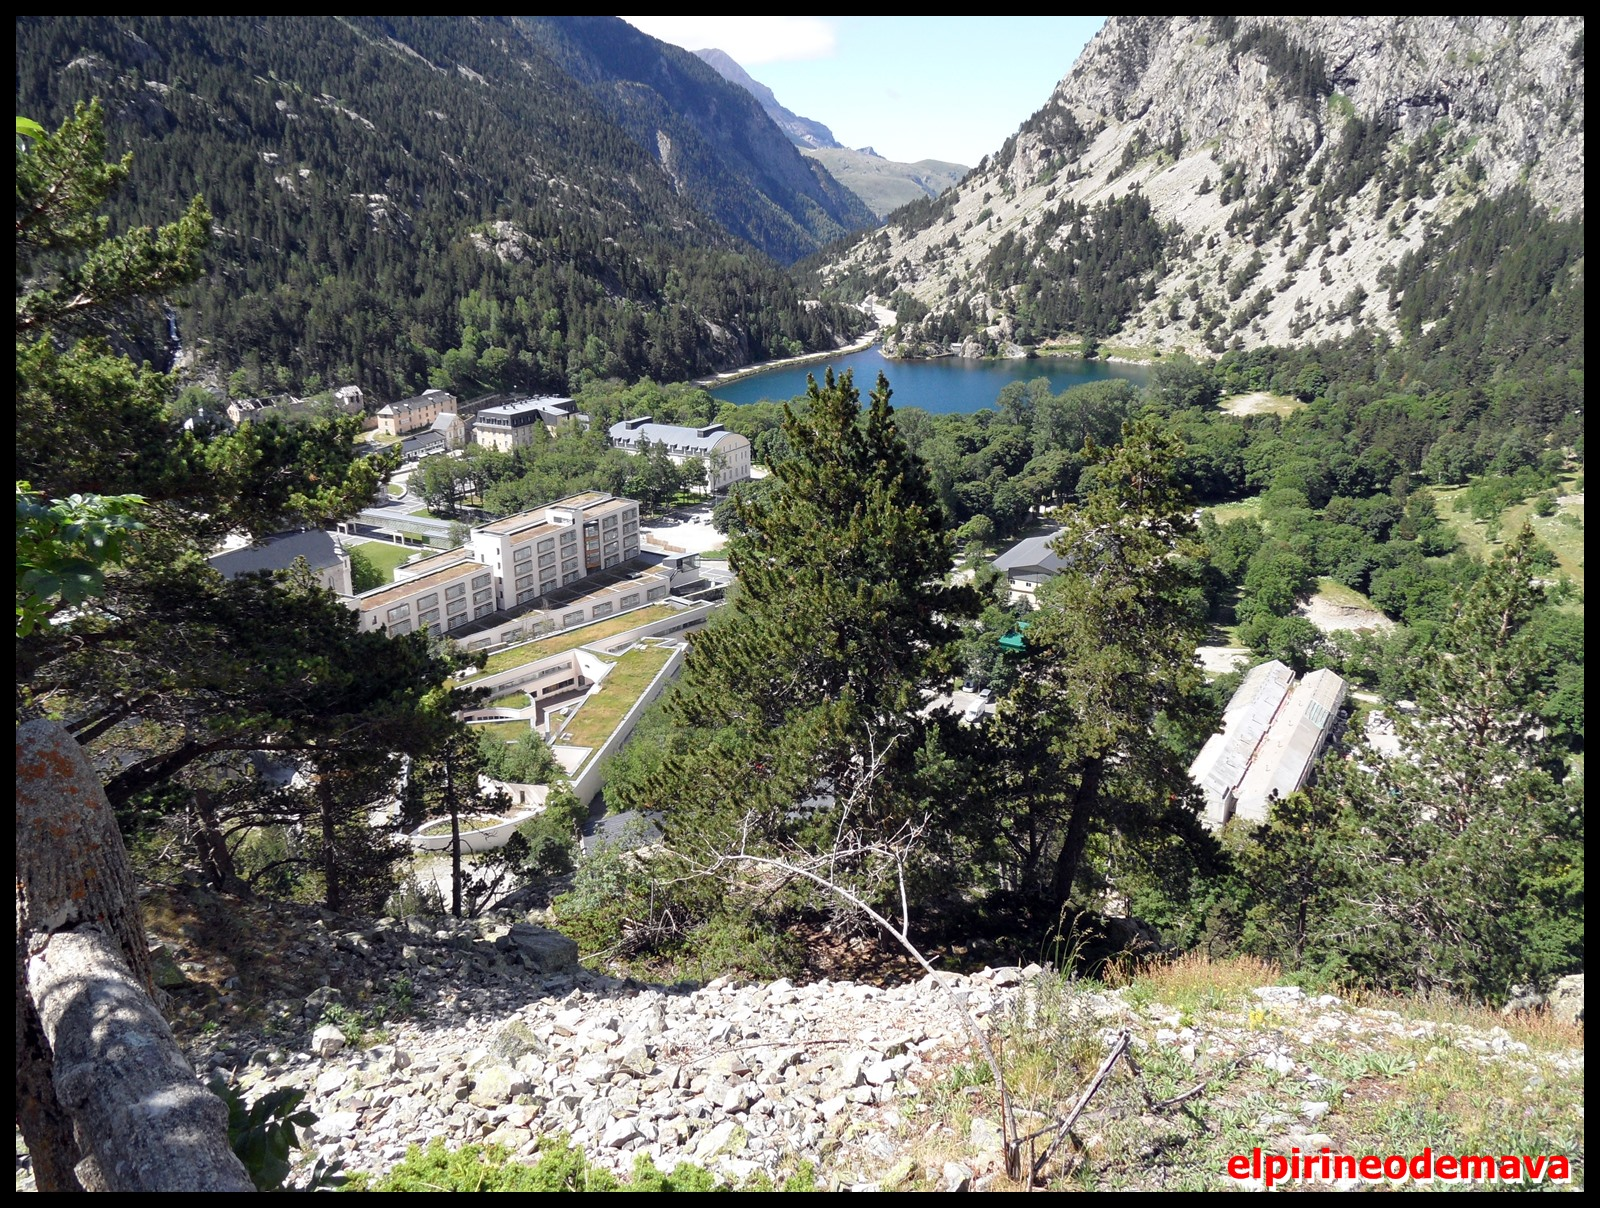 El pirineo de mava miradores del balneario de panticosa for Mirador del pirineo